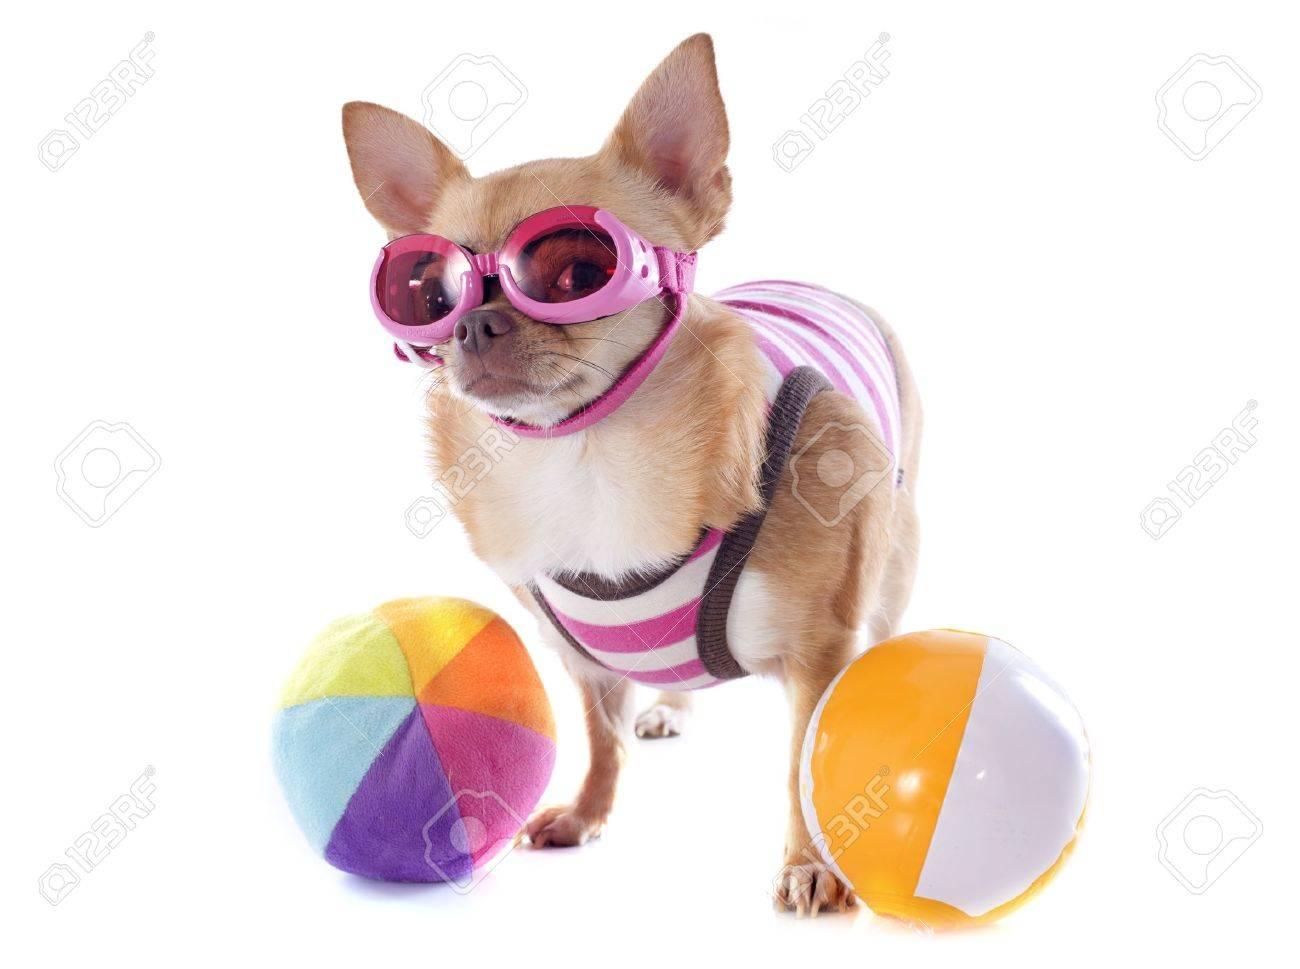 Y Raza Traje Fondo Un Con Chihuahua Lindo Sol Pura Baño En Frente Retrato De Blanco Gafas sQCxhordBt